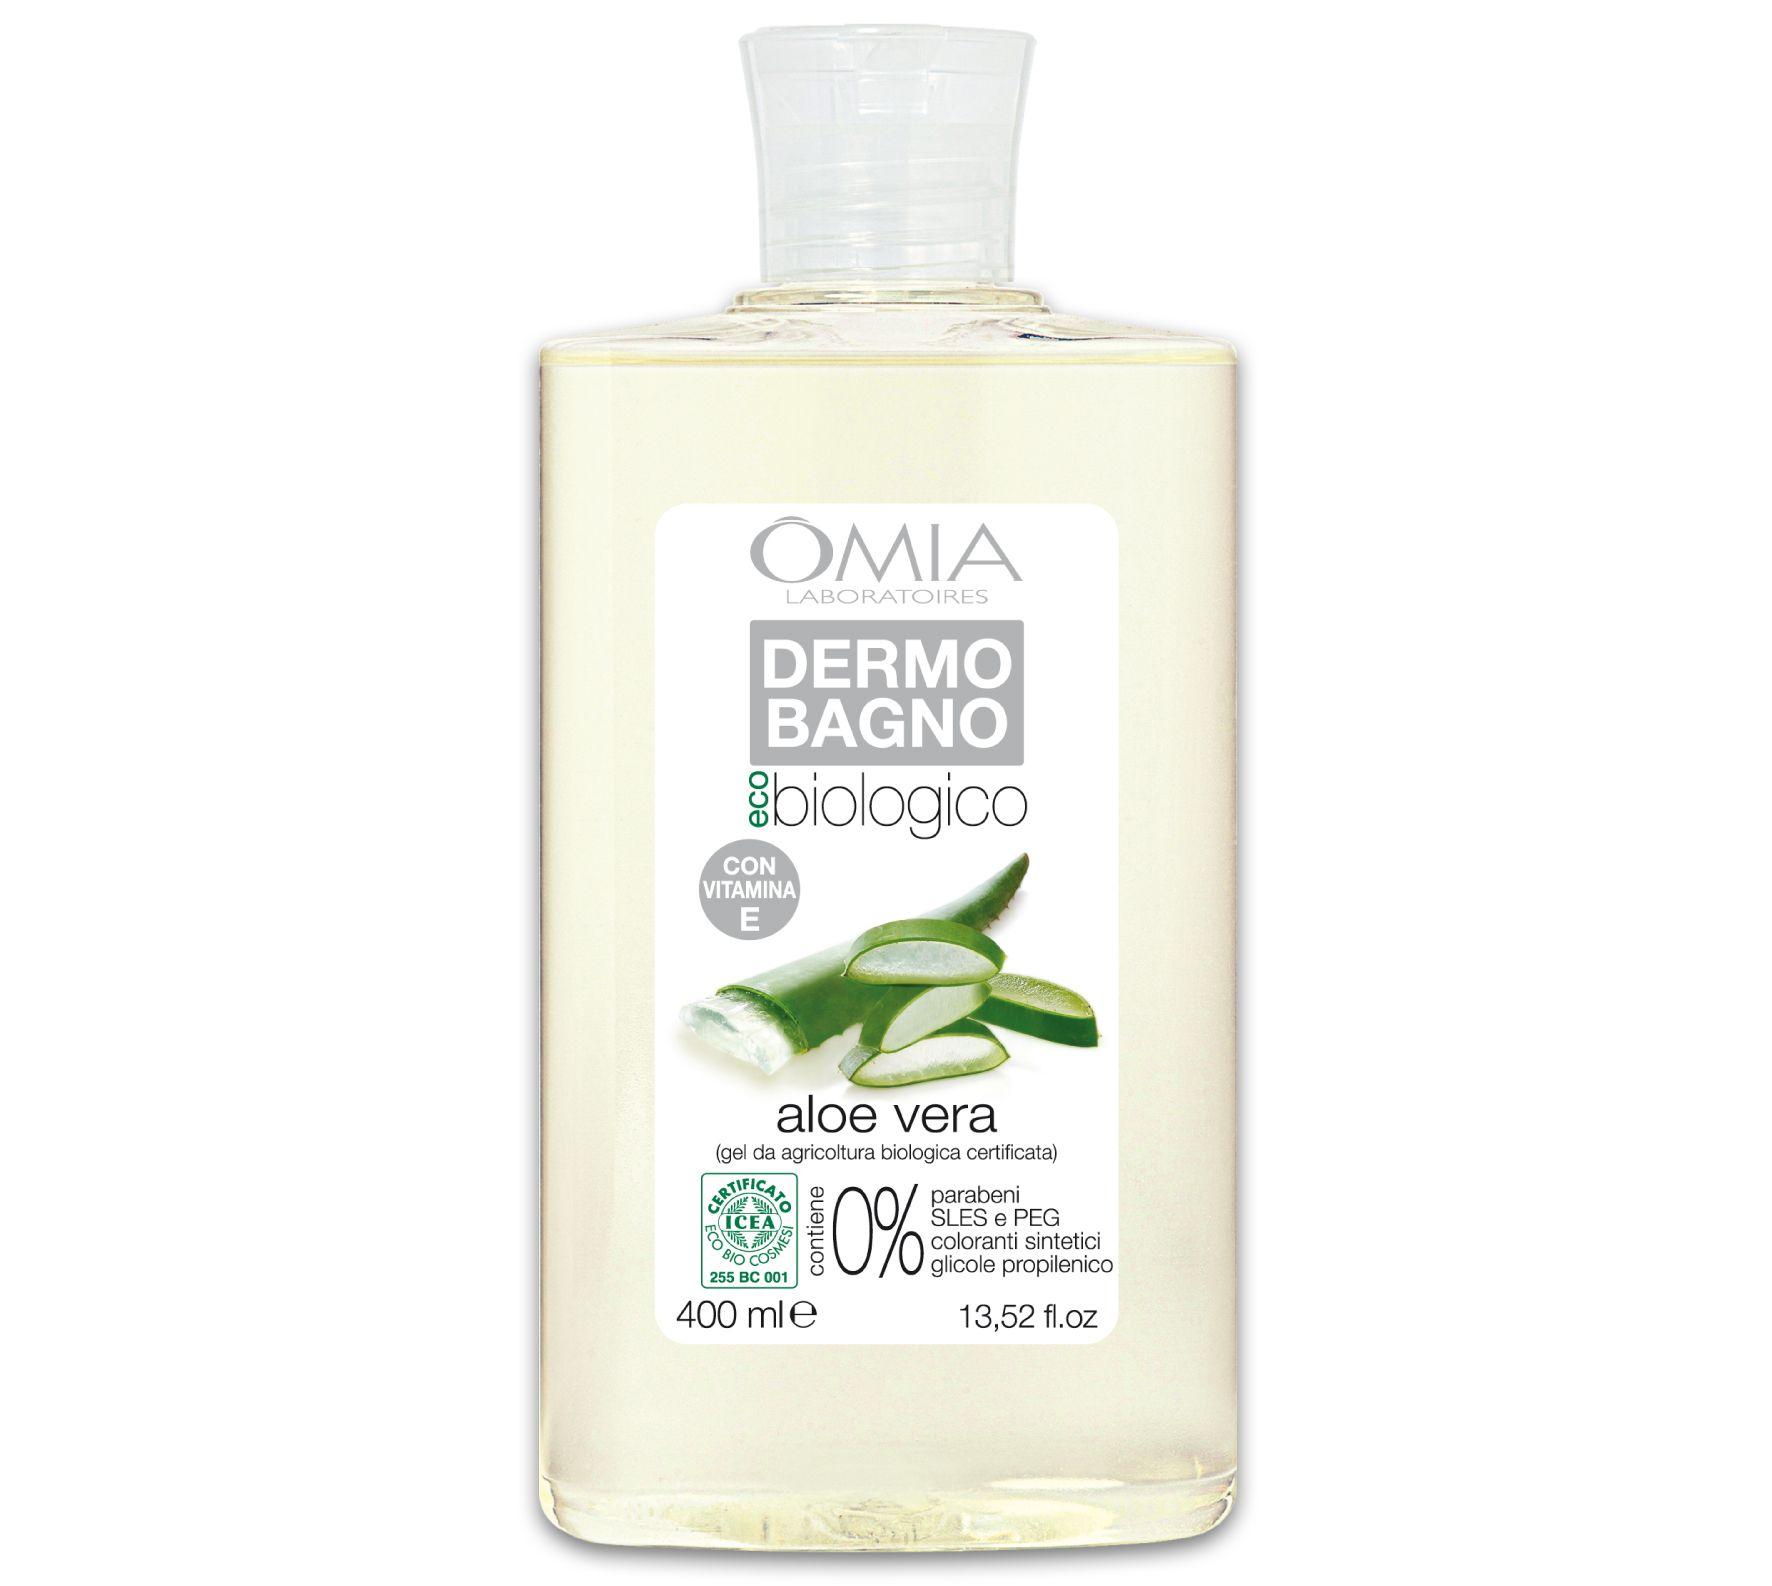 Dermo Bagno All'aloe vera della Linea Eco bio. Questo Bagno è particolarmente indicato per persone con pelle secca e delicata.